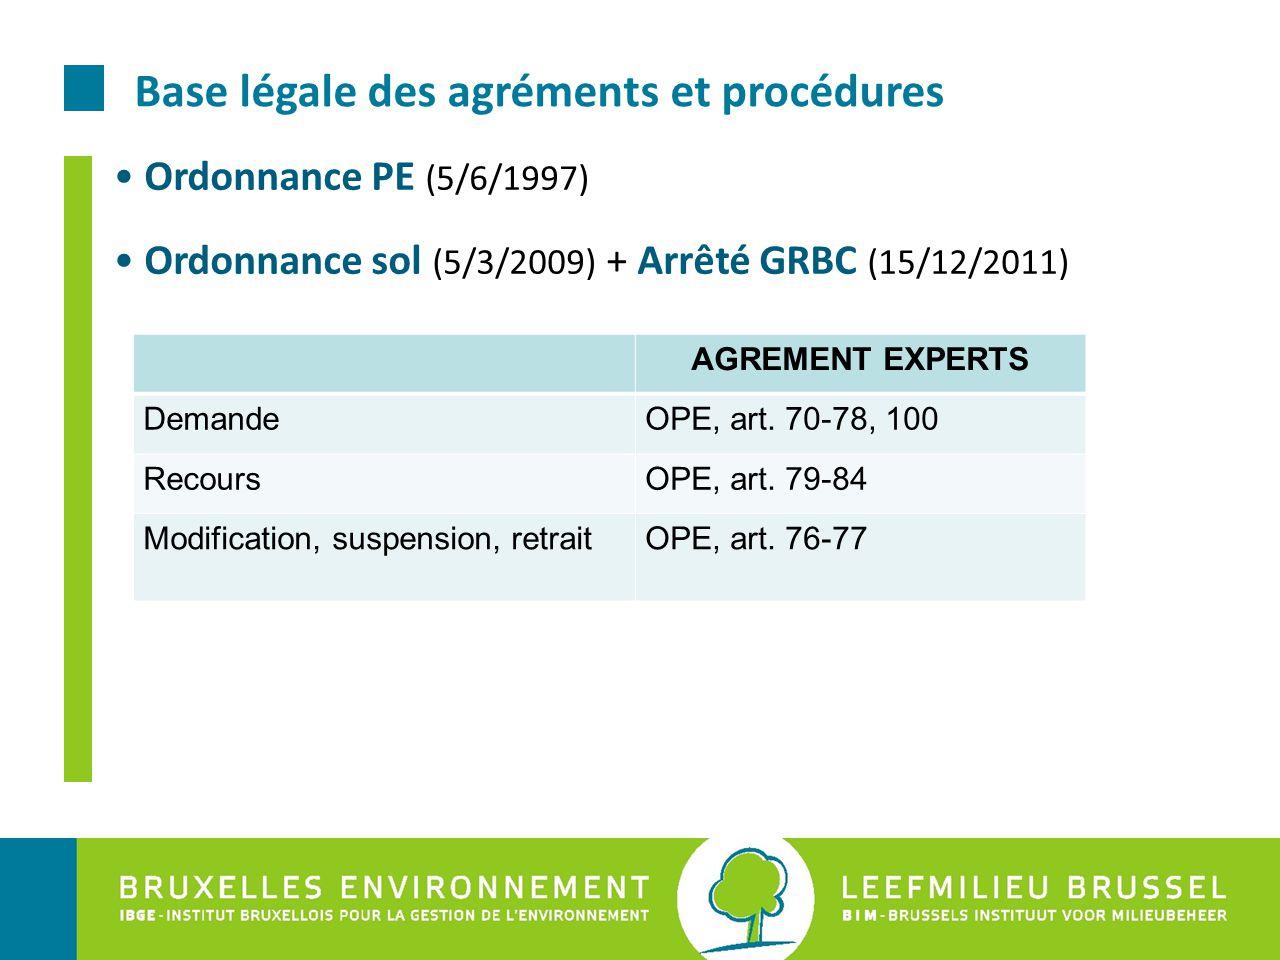 Analyse du dossier Introduction de la demande à l'IBGE Déclaration de dossier complet dans les 30 jours Demande de compléments dans les 10 jours non oui Demande complète.